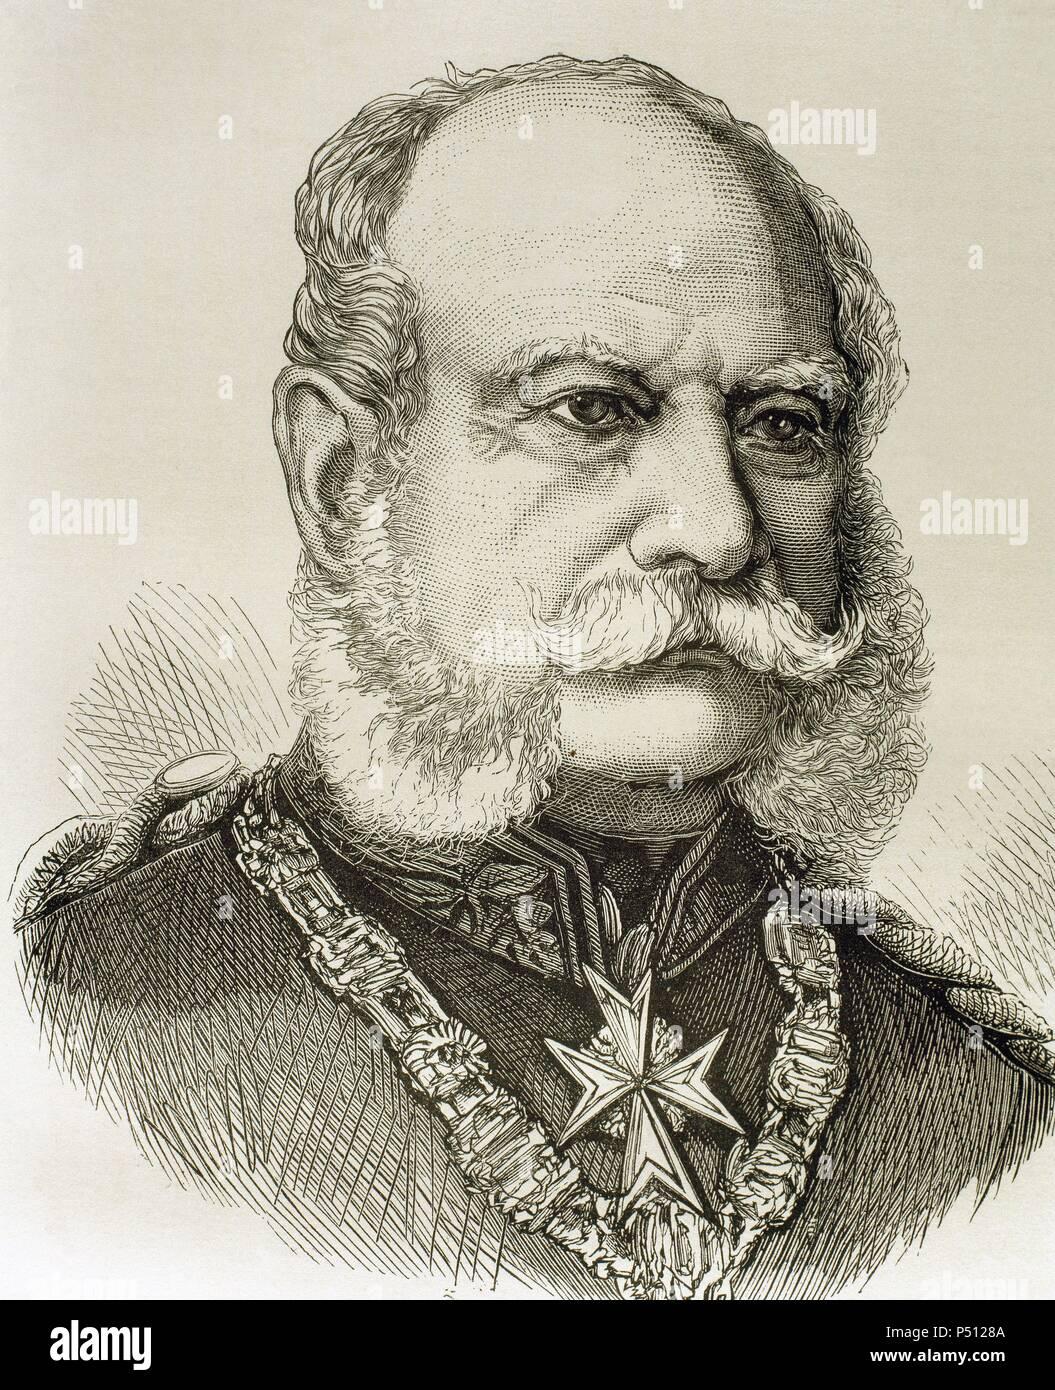 GUILLERMO I (1797-1888). Rey de Prusia (1861-1888) y Emperador de Alemania (1871-1888). Grabado de 'Historia Universal' (1881) . - Stock Image